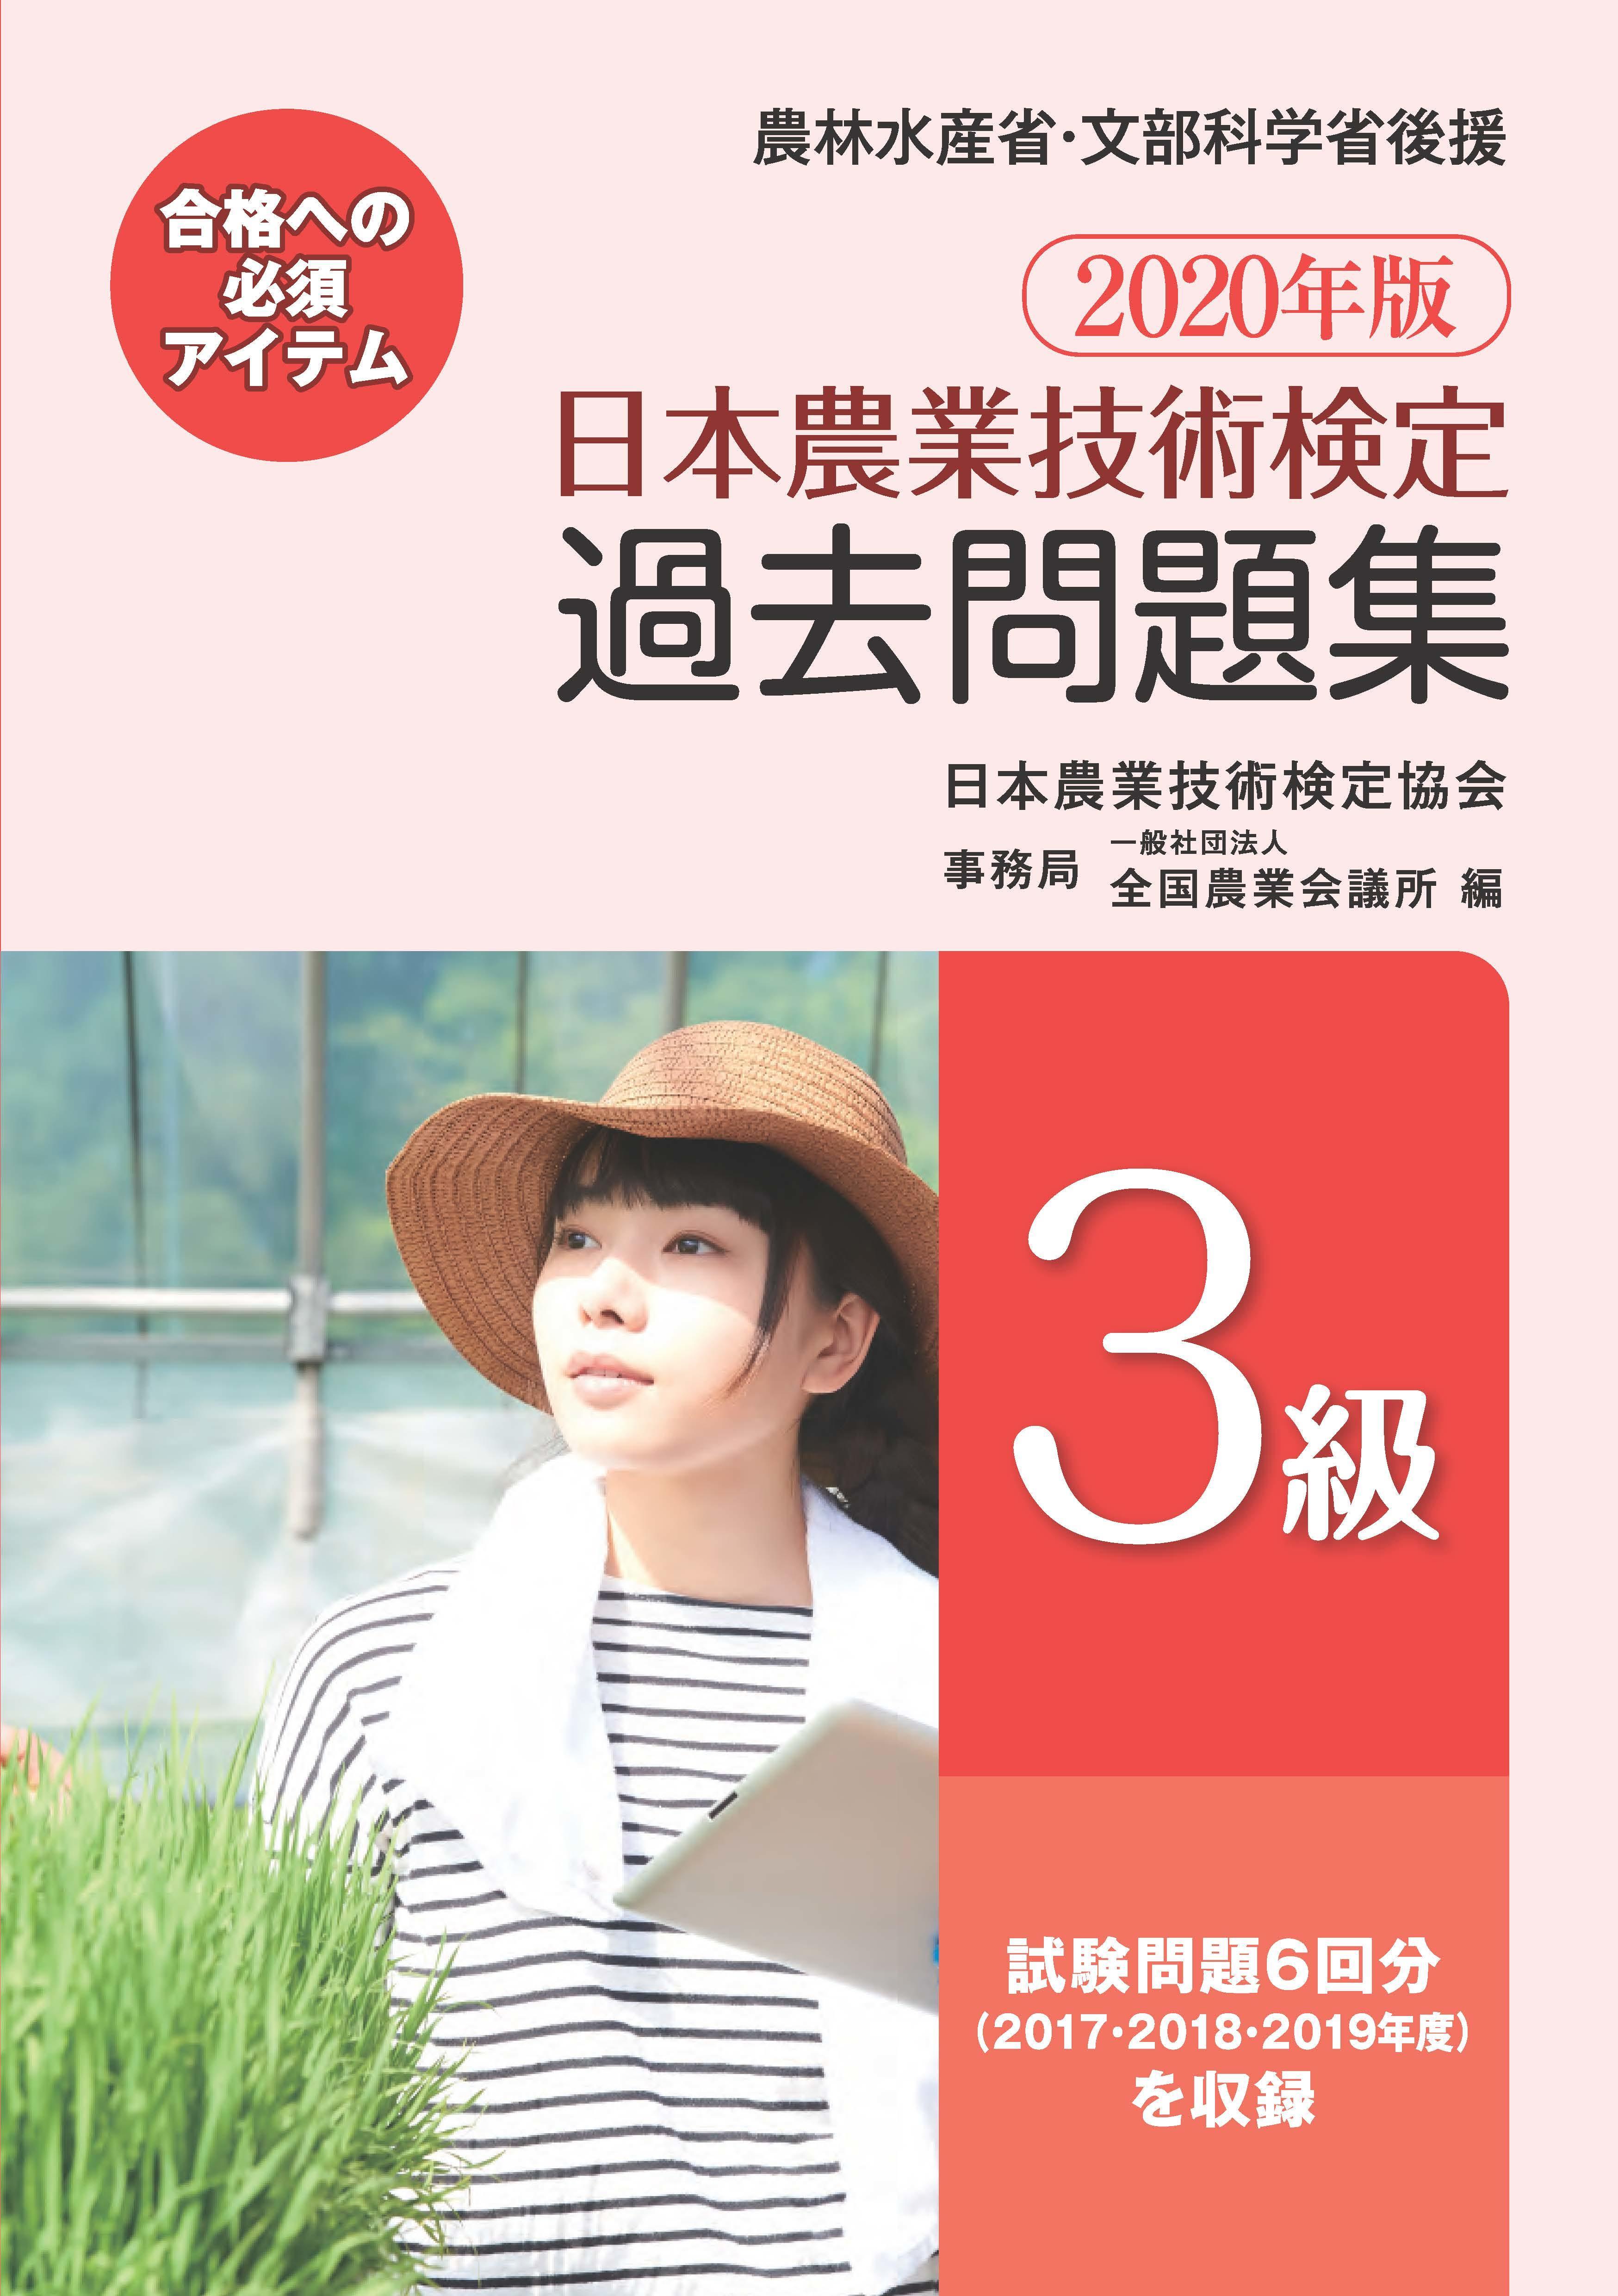 R02-01 日本農業技術検定3級過去問題集 - コピー.jpg